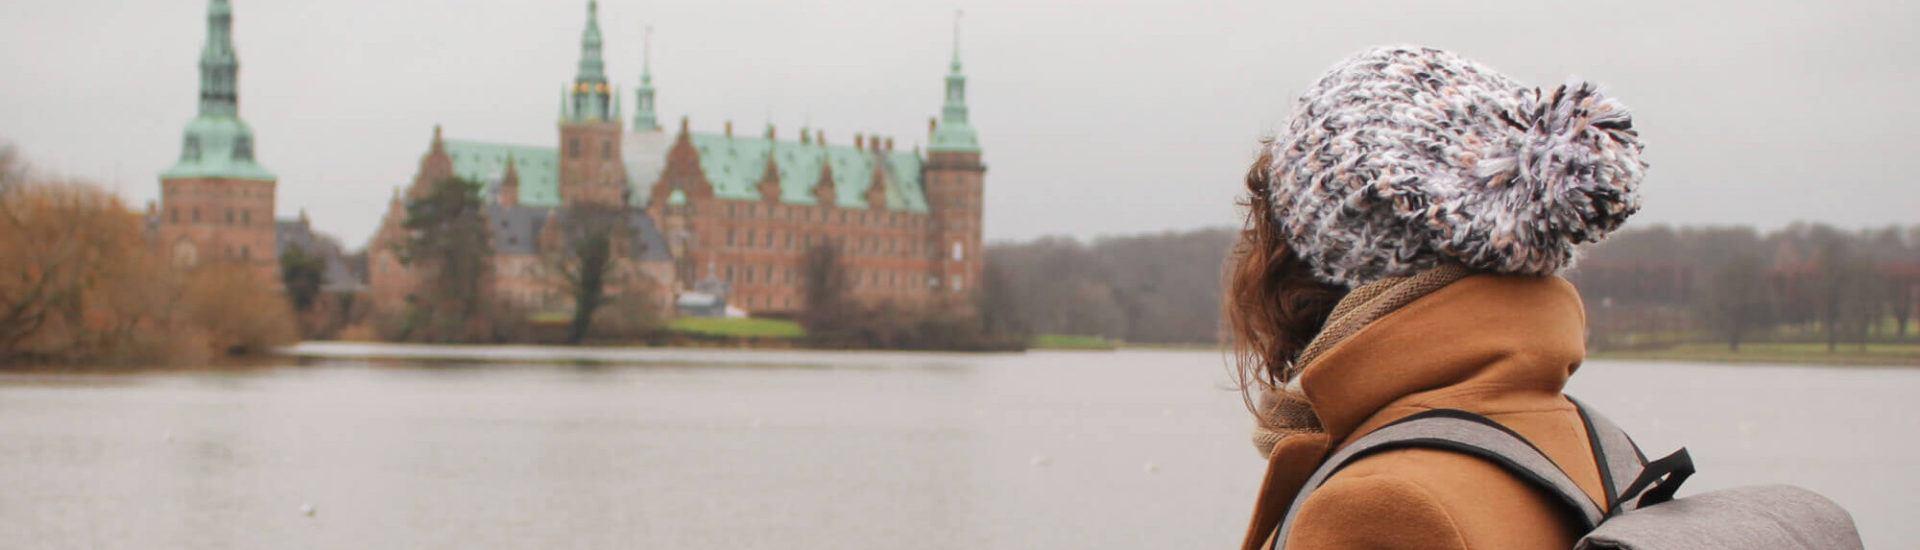 Fairytale Castles in Copenhagen: A Self-Guided Day Trip